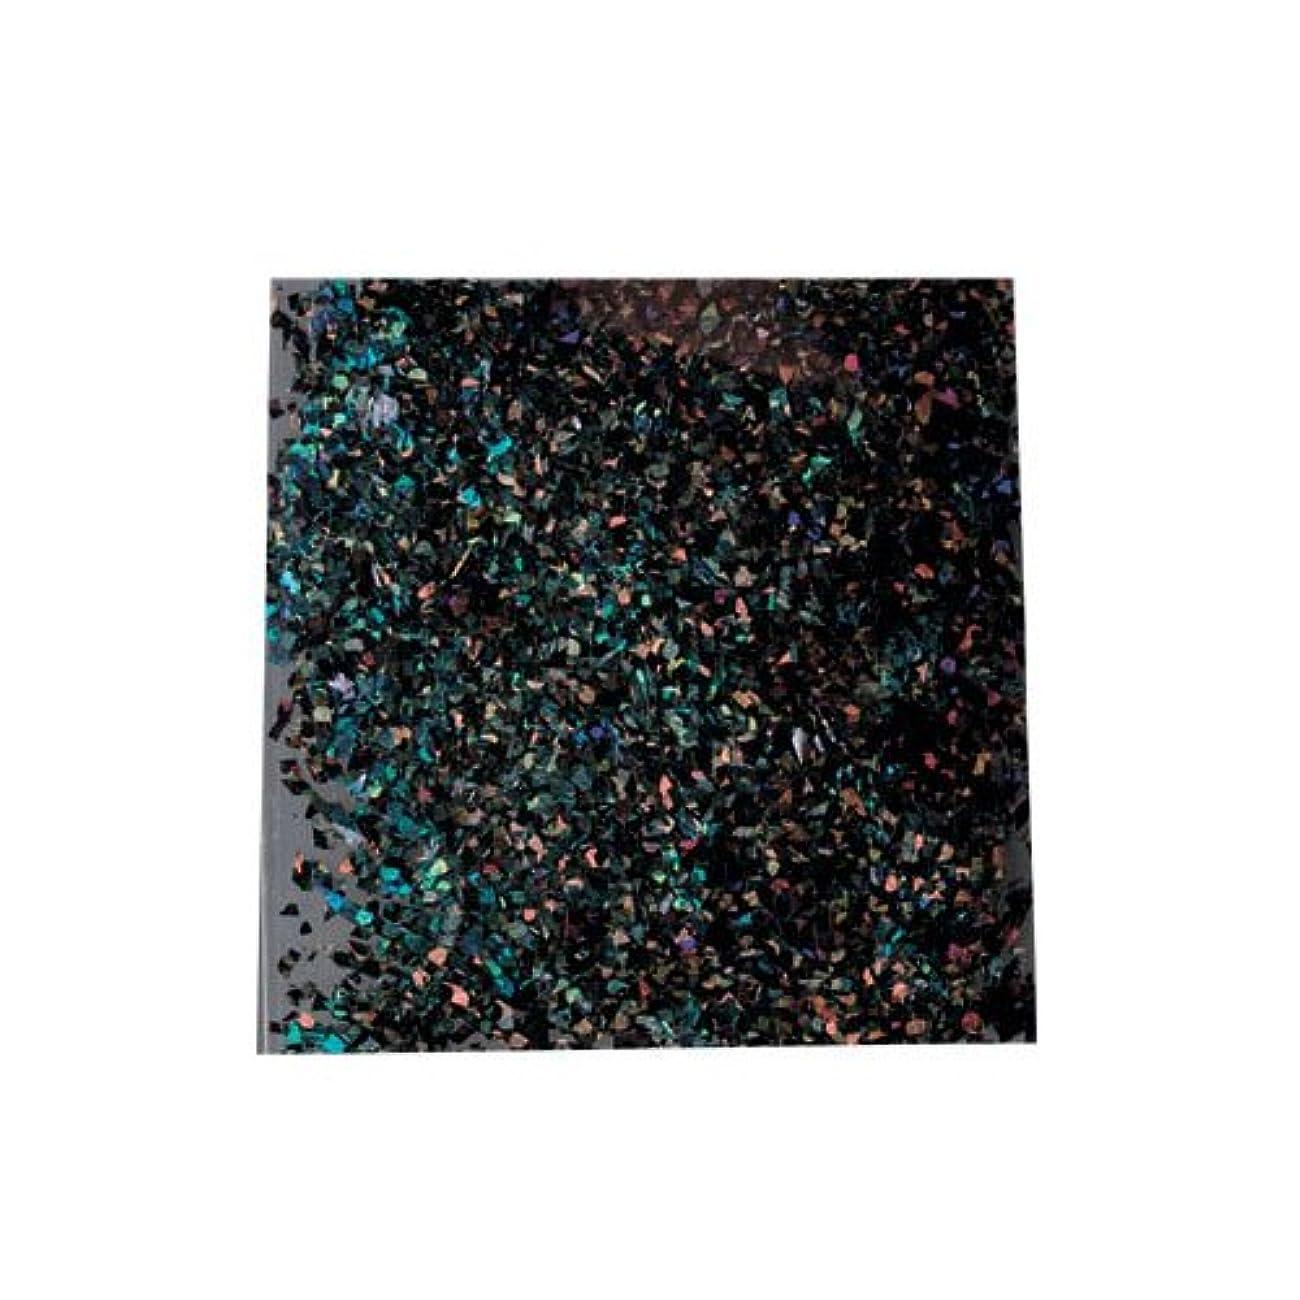 色合い変数リラックスしたピカエース 乱切ホロ #897 ブラック 0.5g アート材